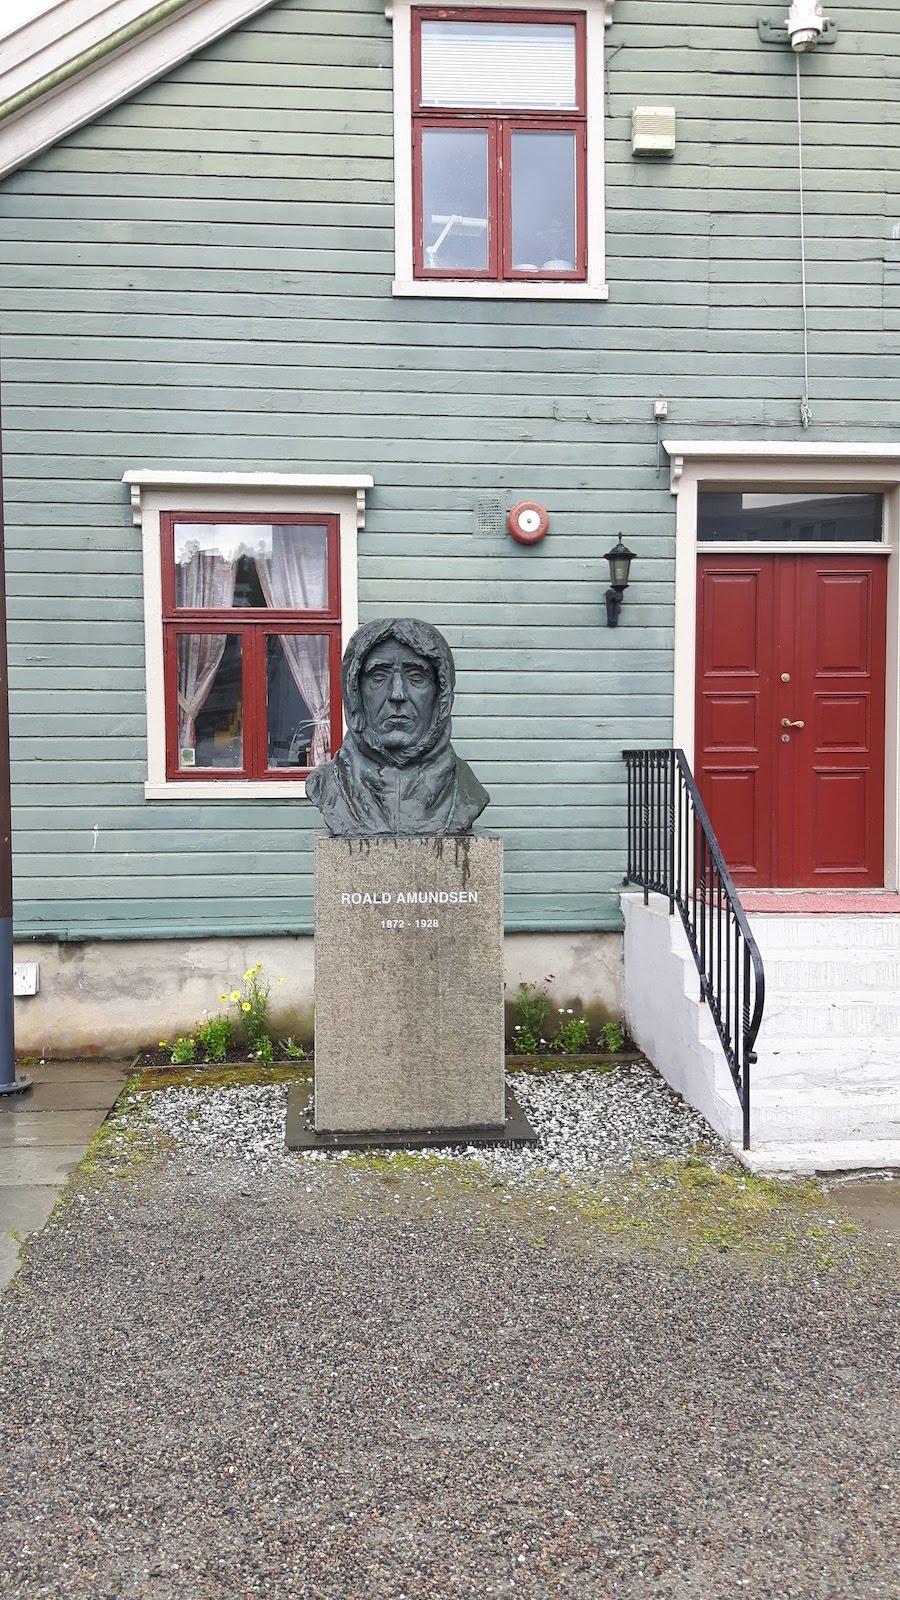 Roald Amundsen Tromso Norway